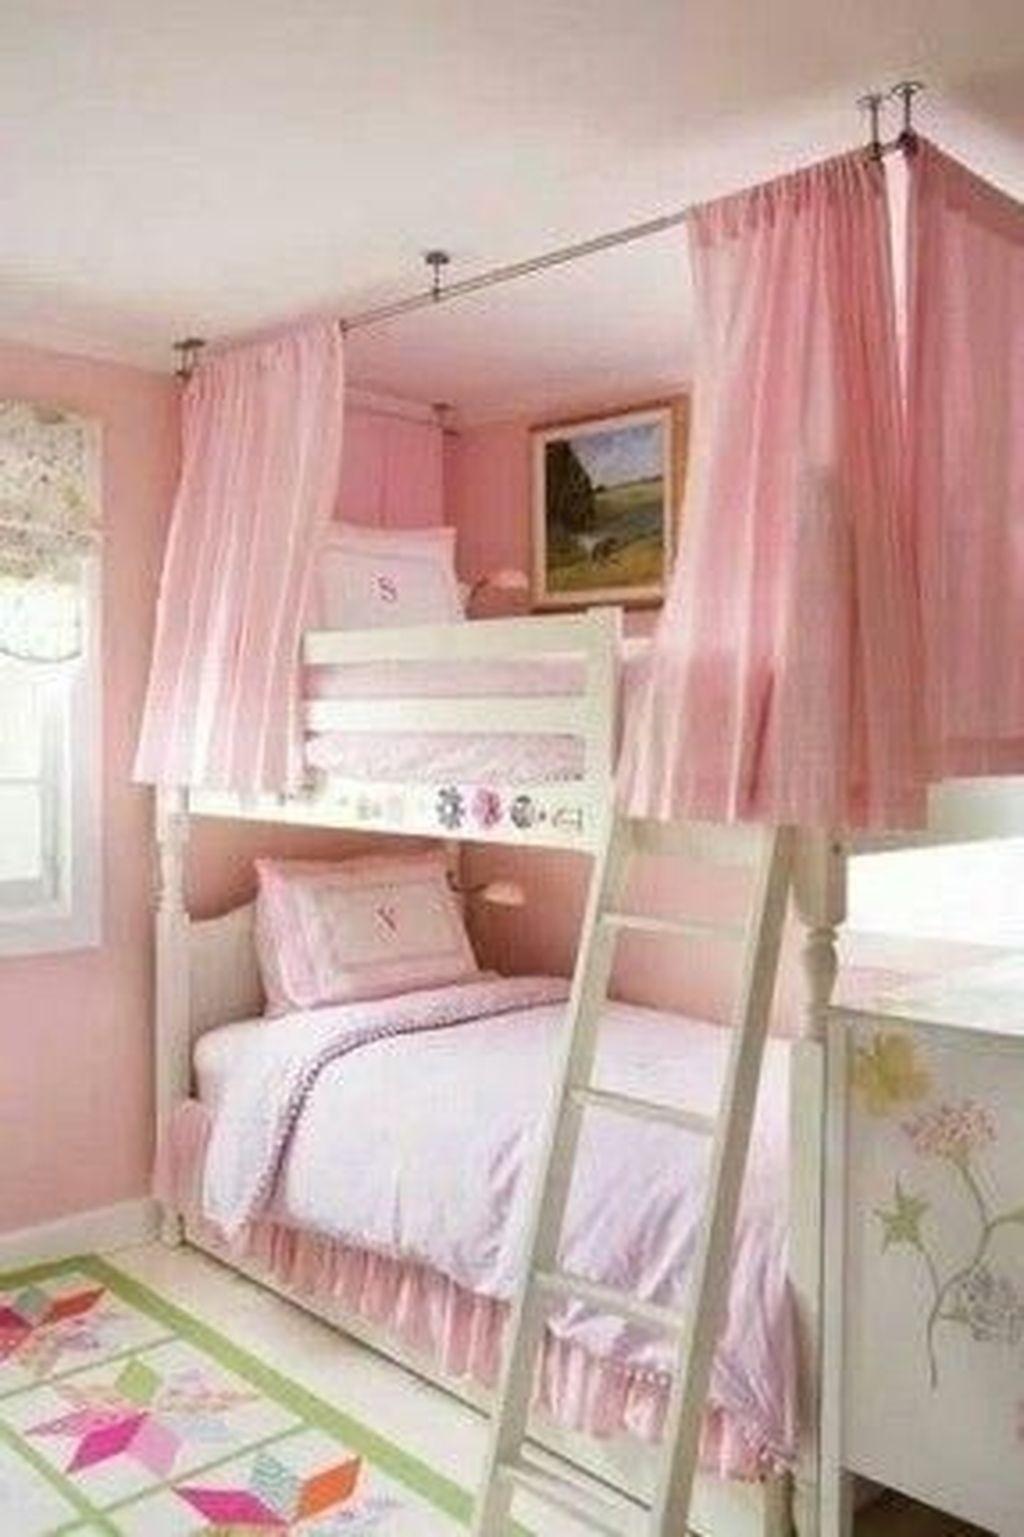 & Tent Bunk Beds - Foter